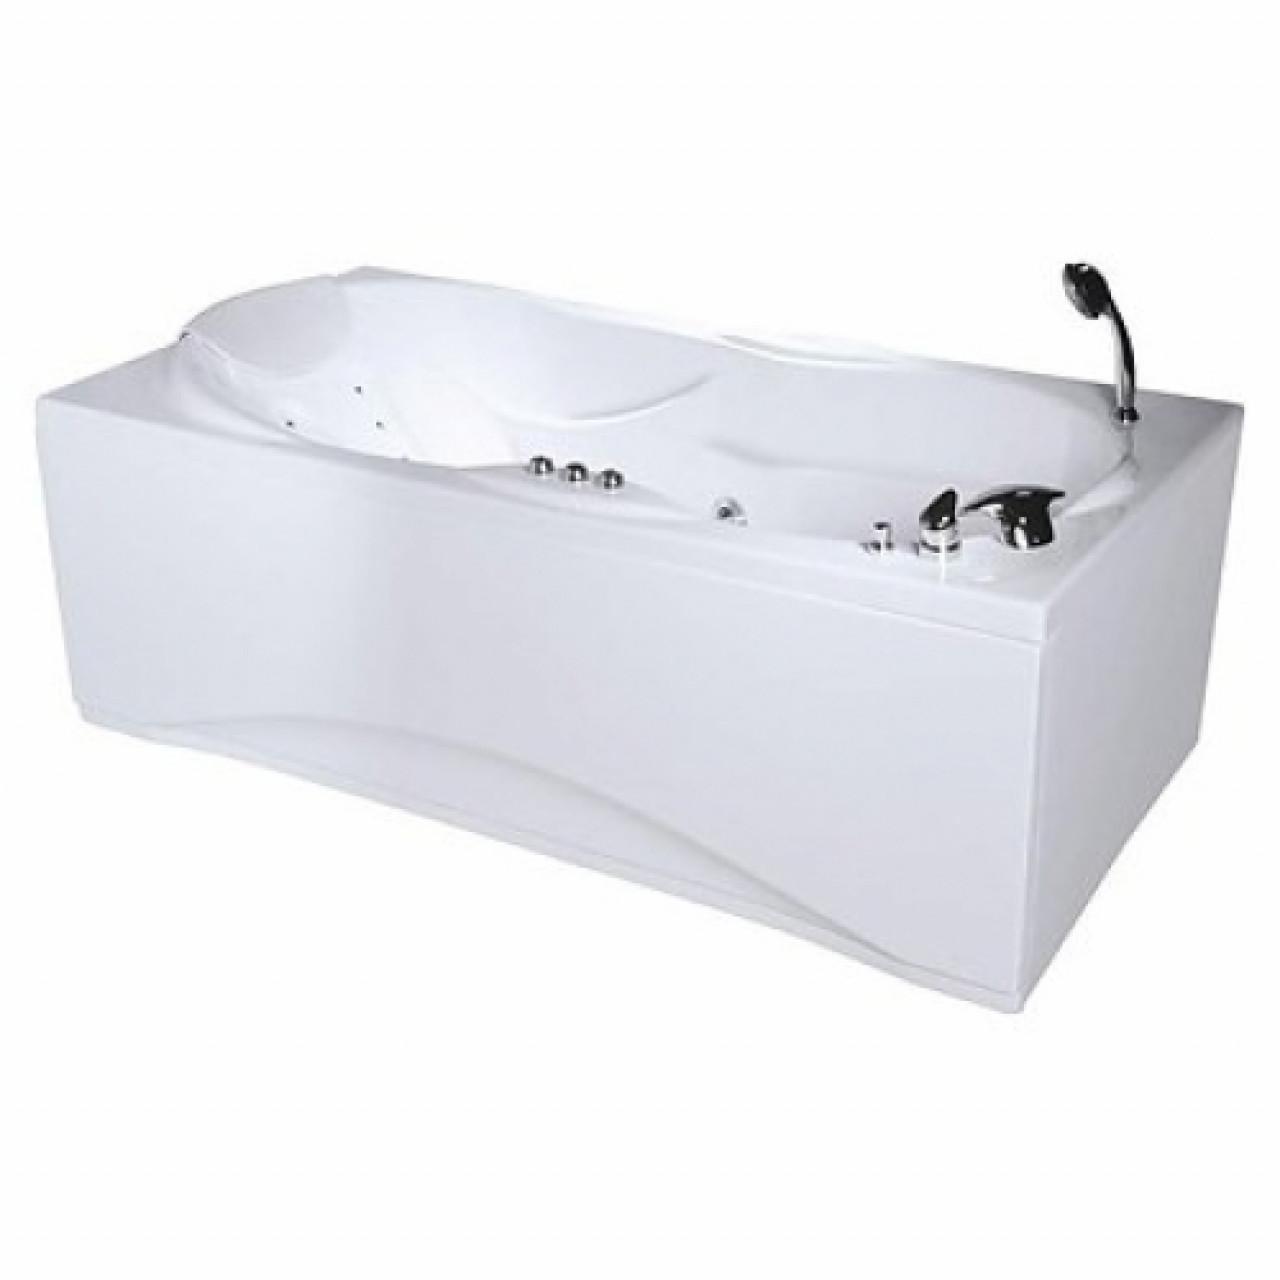 Акриловая ванна Акватика Атлантис Reflexa 180x90х63 купить в Москве по цене от 120977р. в интернет-магазине mebel-v-vannu.ru